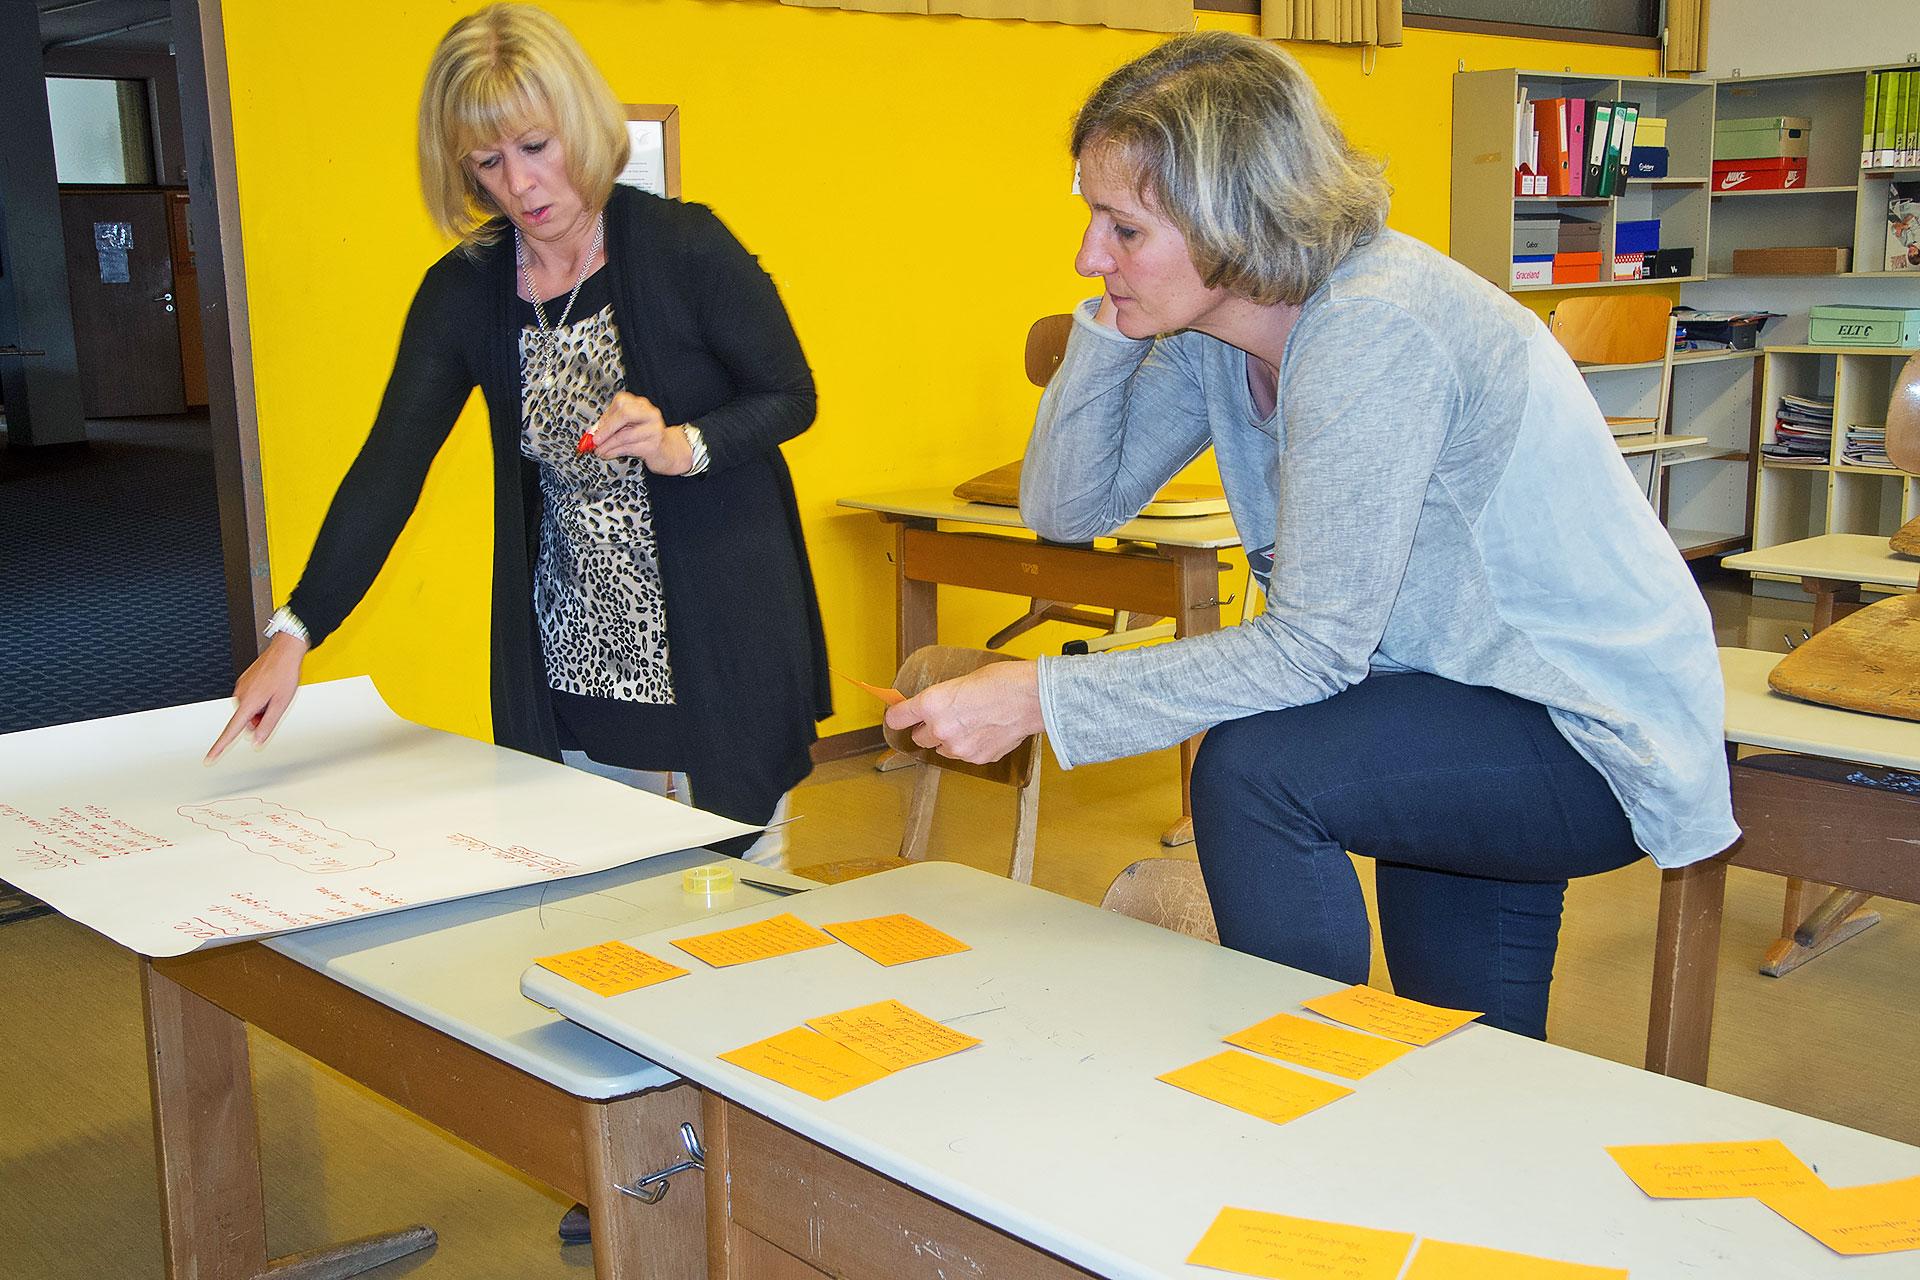 zwei Lehrerinnen erstellen ein Plakat mit Ergebnissen aus einer Besprechung